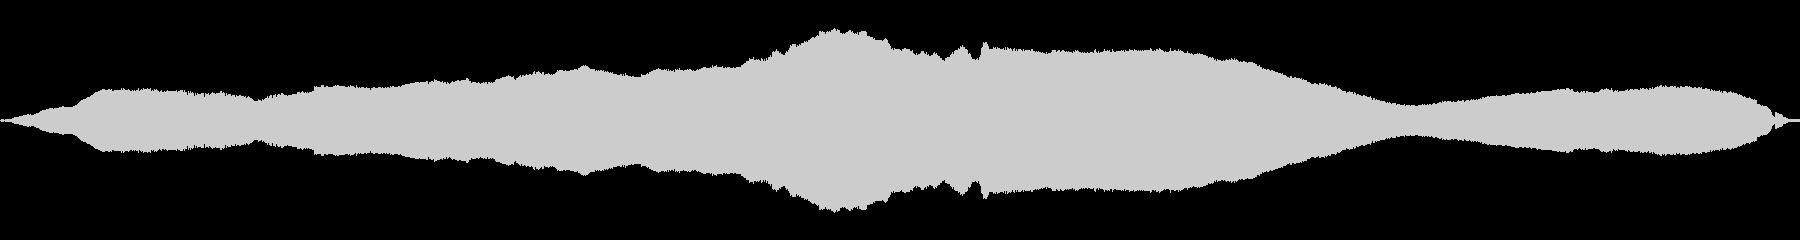 ウルフハウルシングル、ファジースタートの未再生の波形